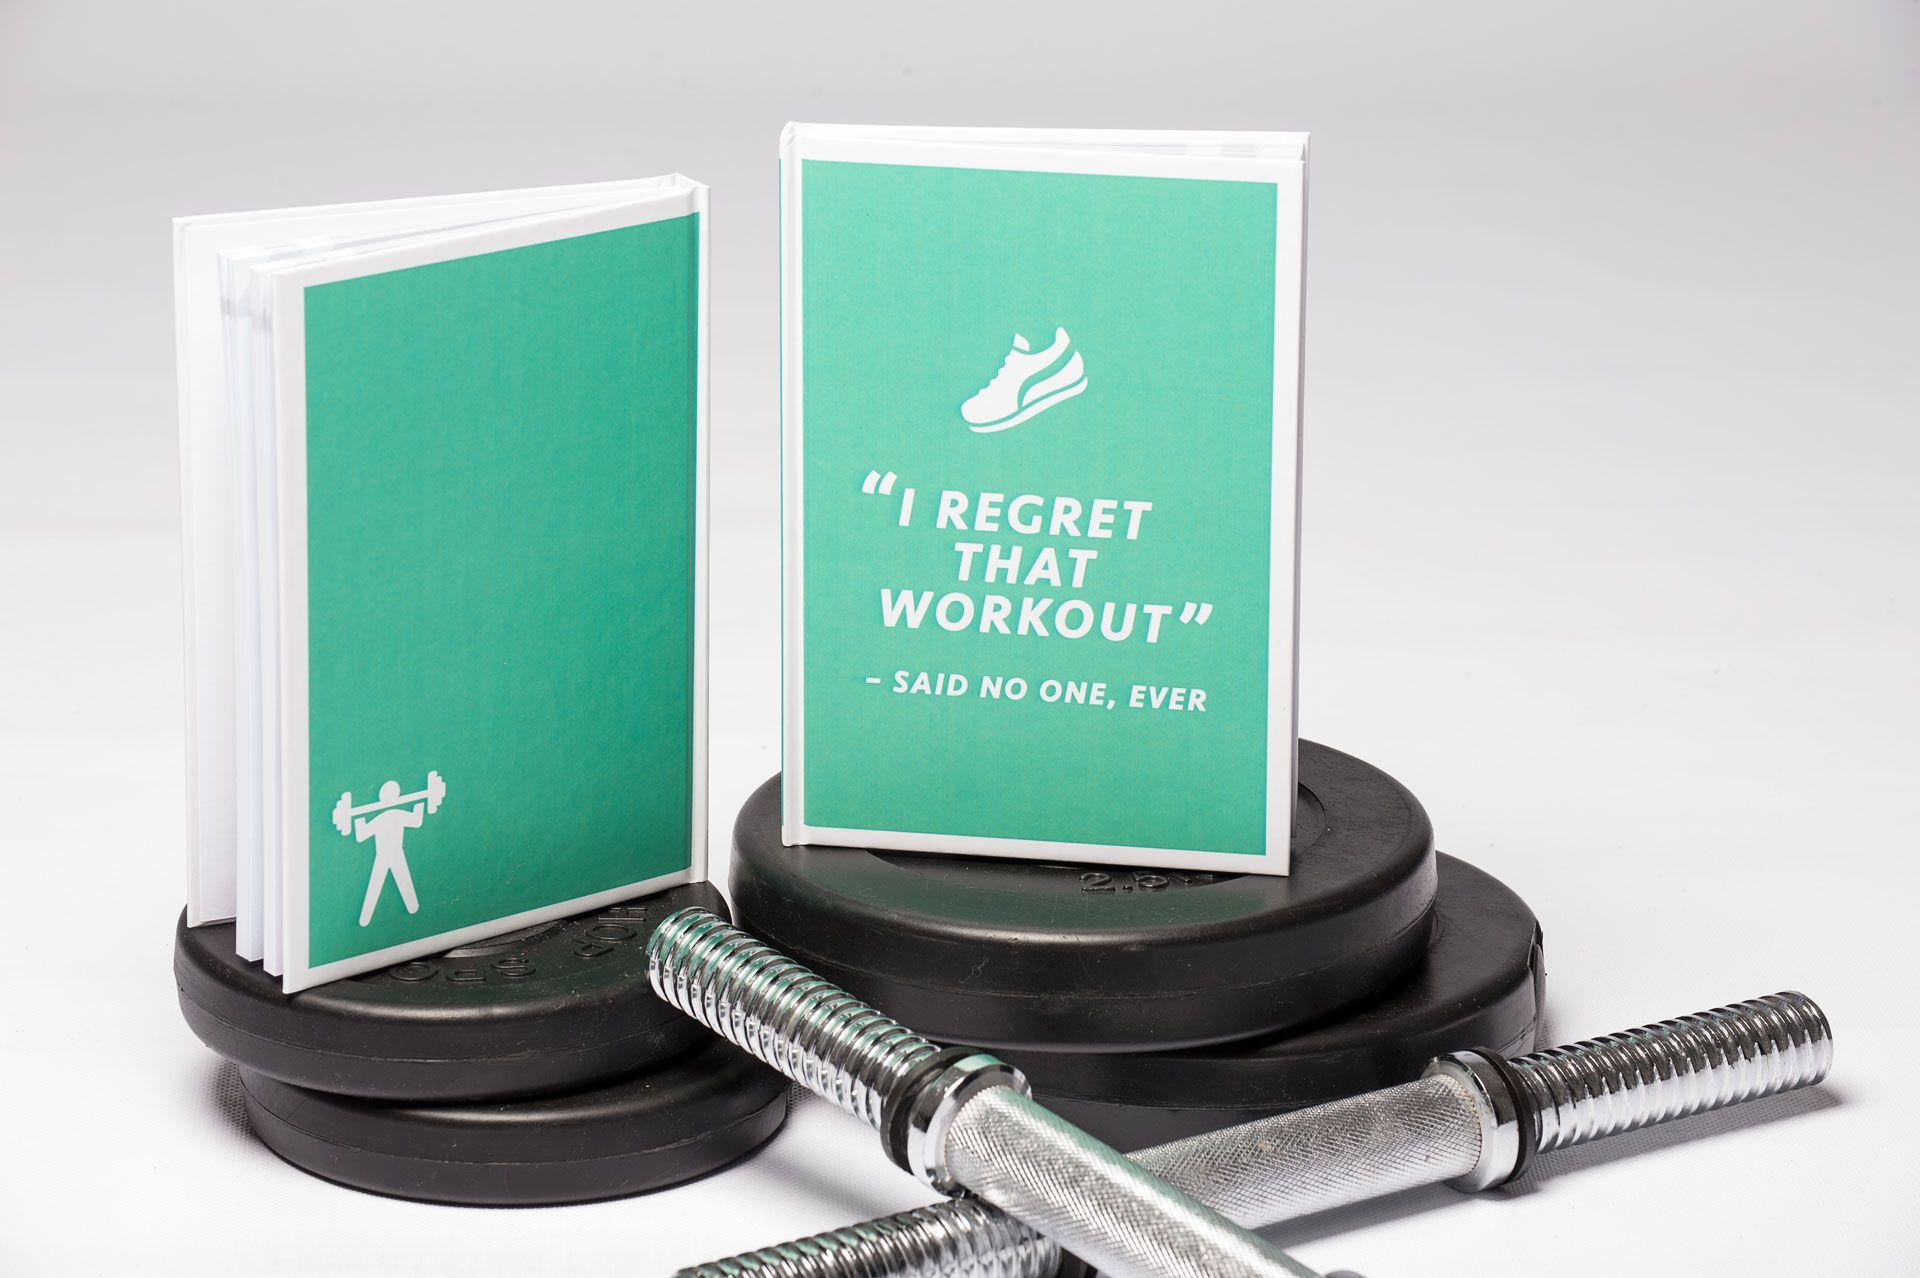 Fitness Traininglog in green. Log your workouts in clear tables. - Fitness Notizbuch in der Farbe grün. Trage deine Trainingseinheiten in klare Tabellen ein.